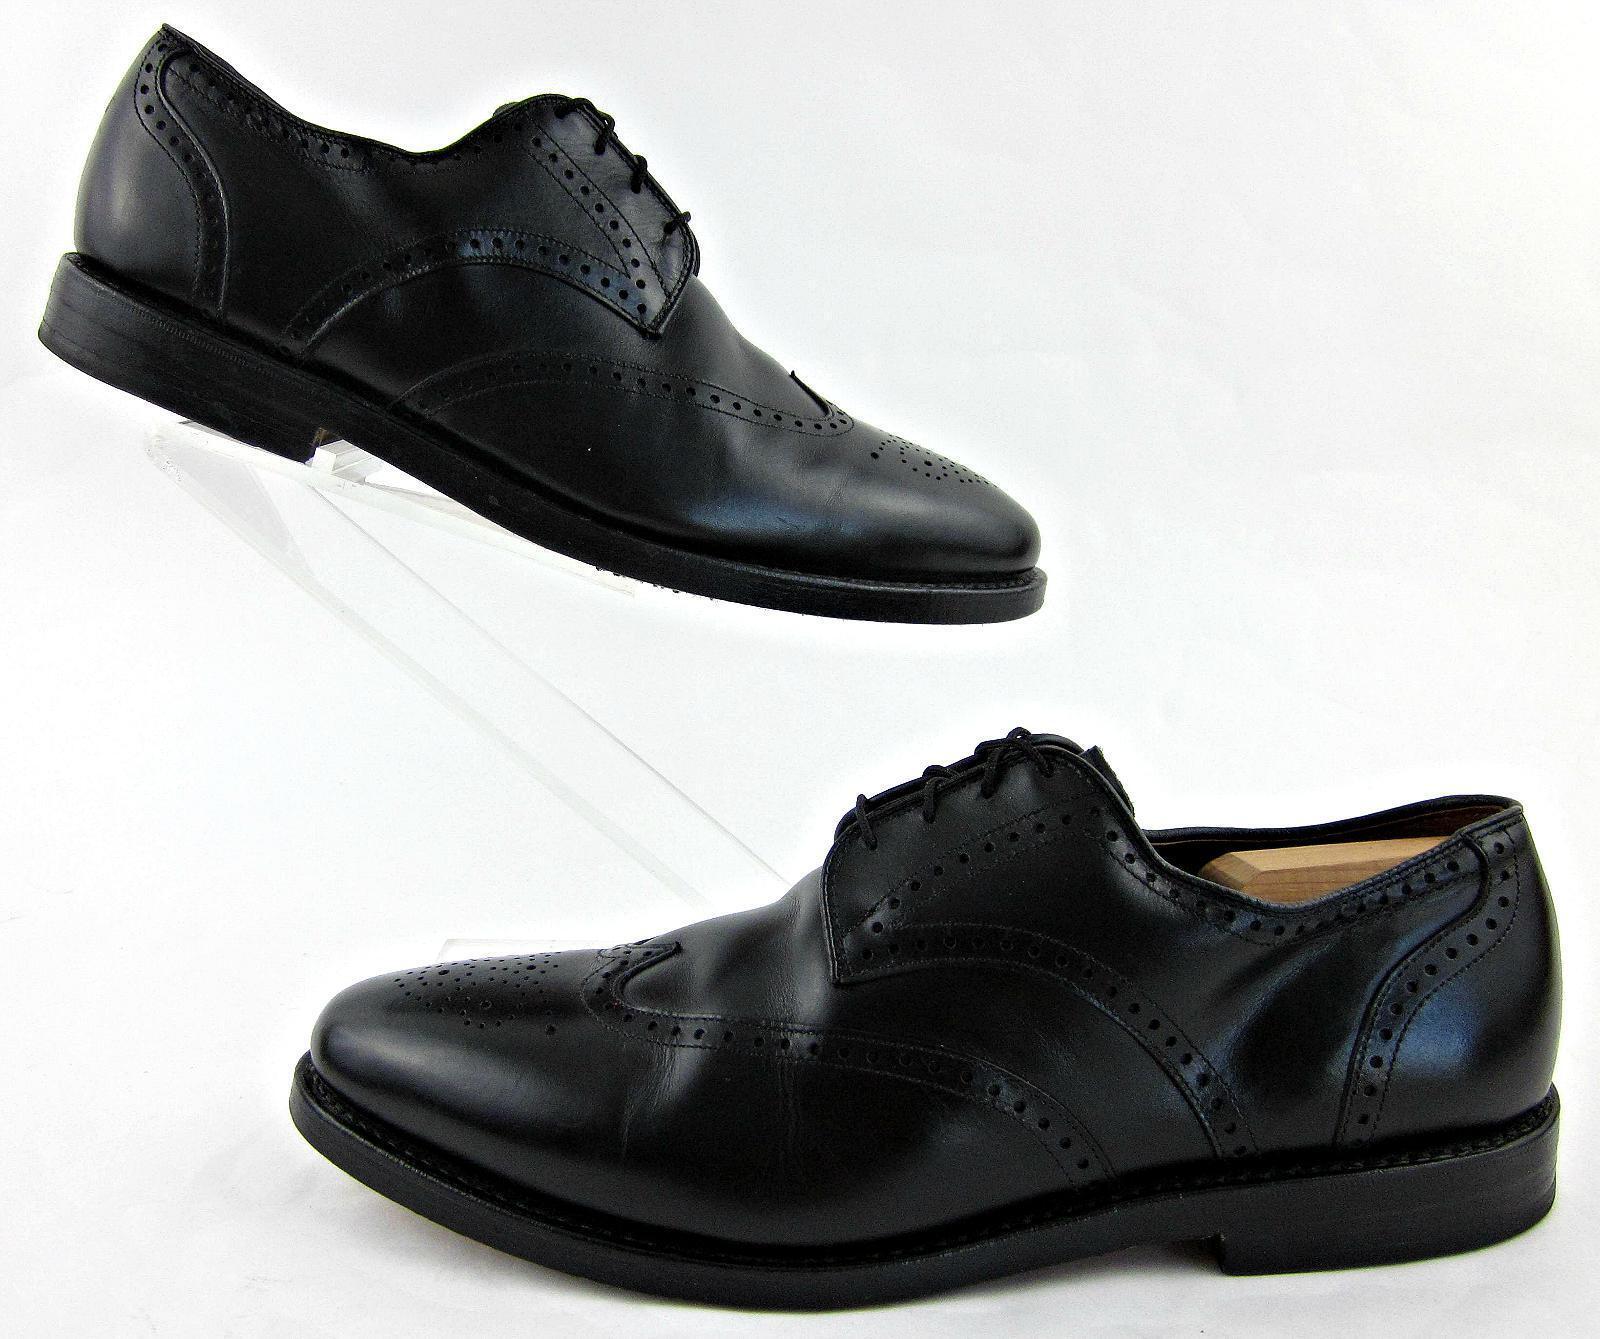 Allen Edmonds  Wingtip Dress scarpe nero Leather Sz 12D Fantastic Condition  divertiti con uno sconto del 30-50%